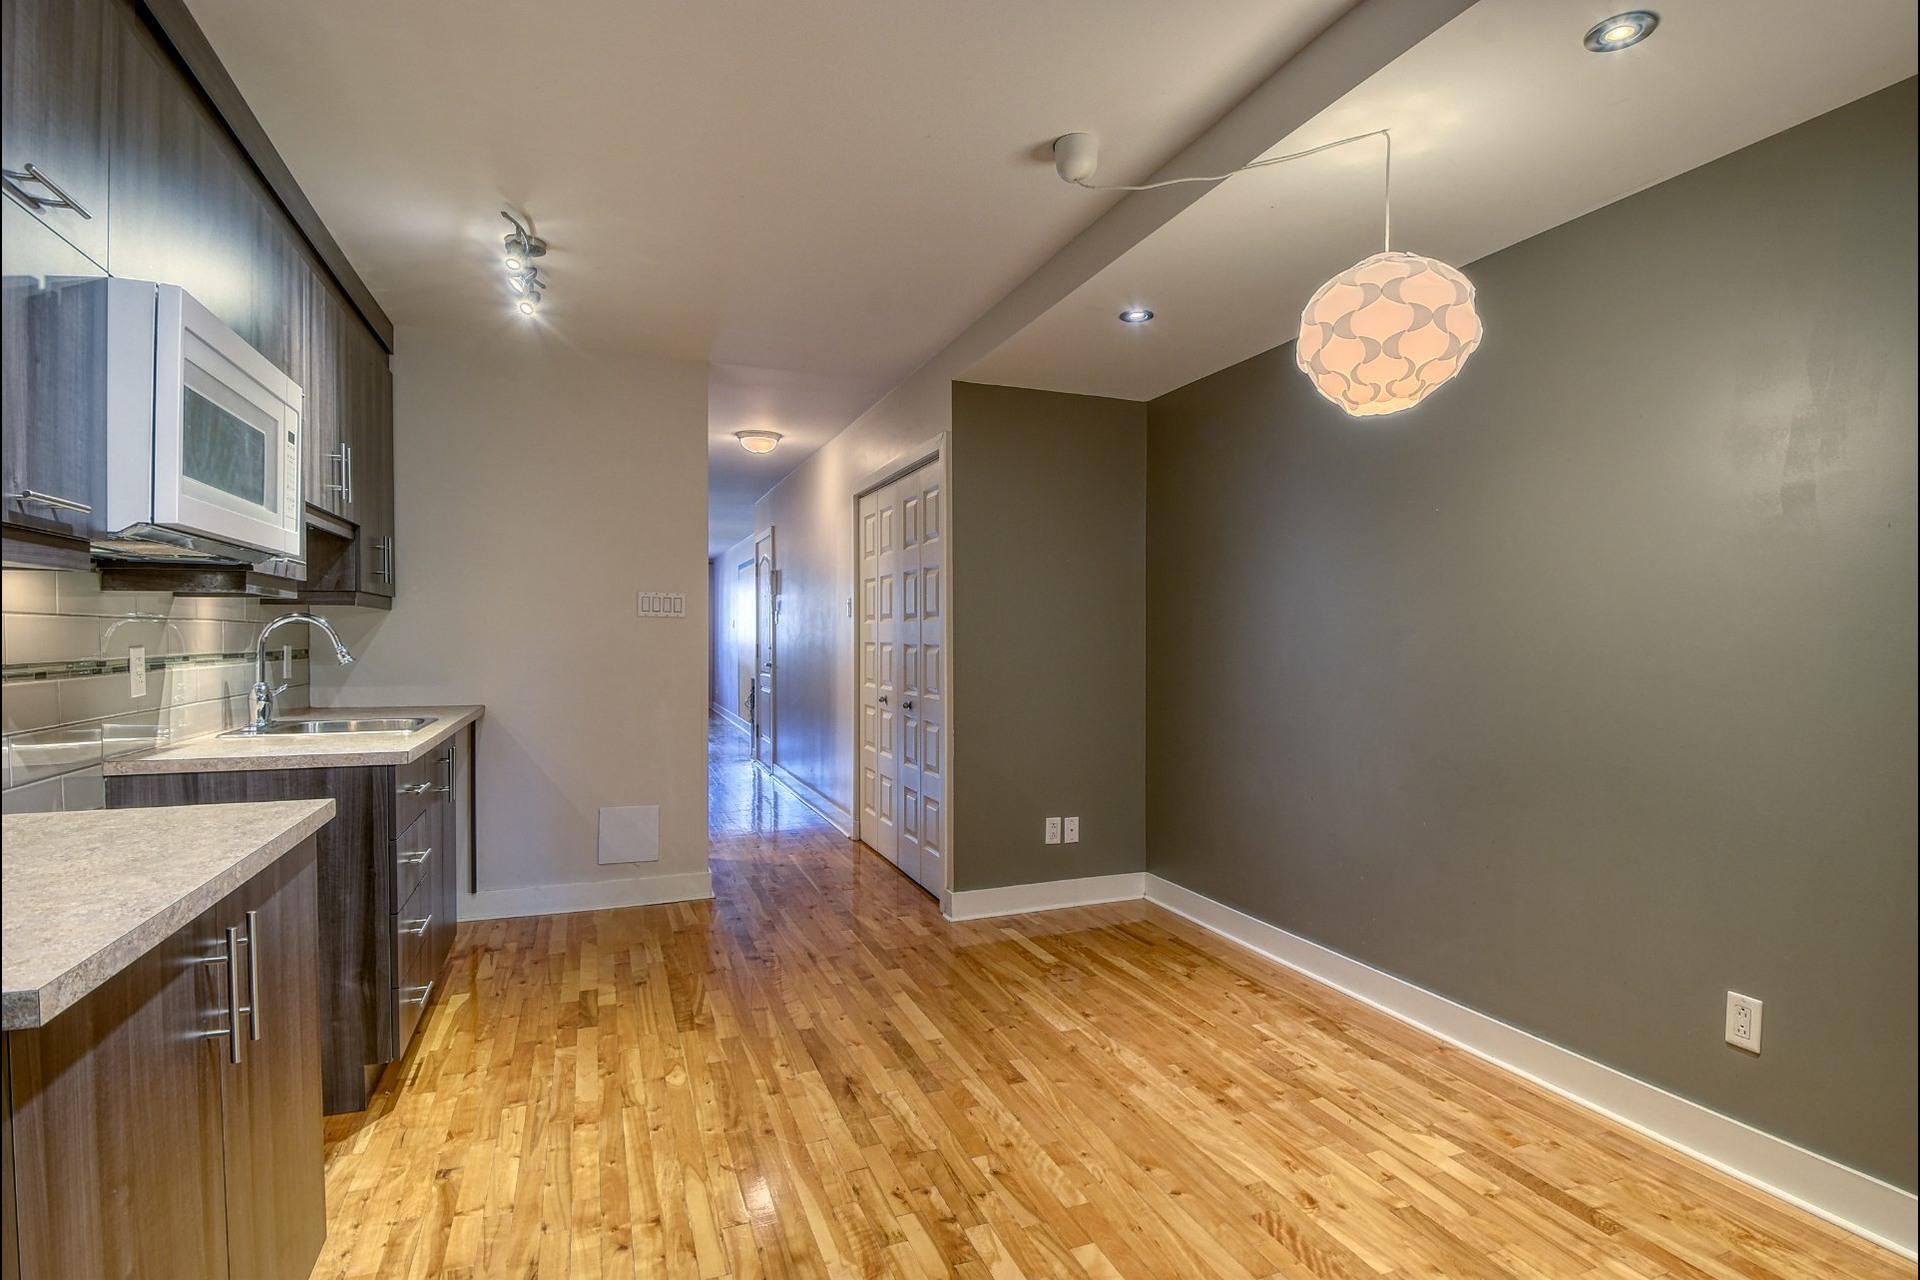 image 5 - Apartment For sale Mercier/Hochelaga-Maisonneuve Montréal  - 4 rooms